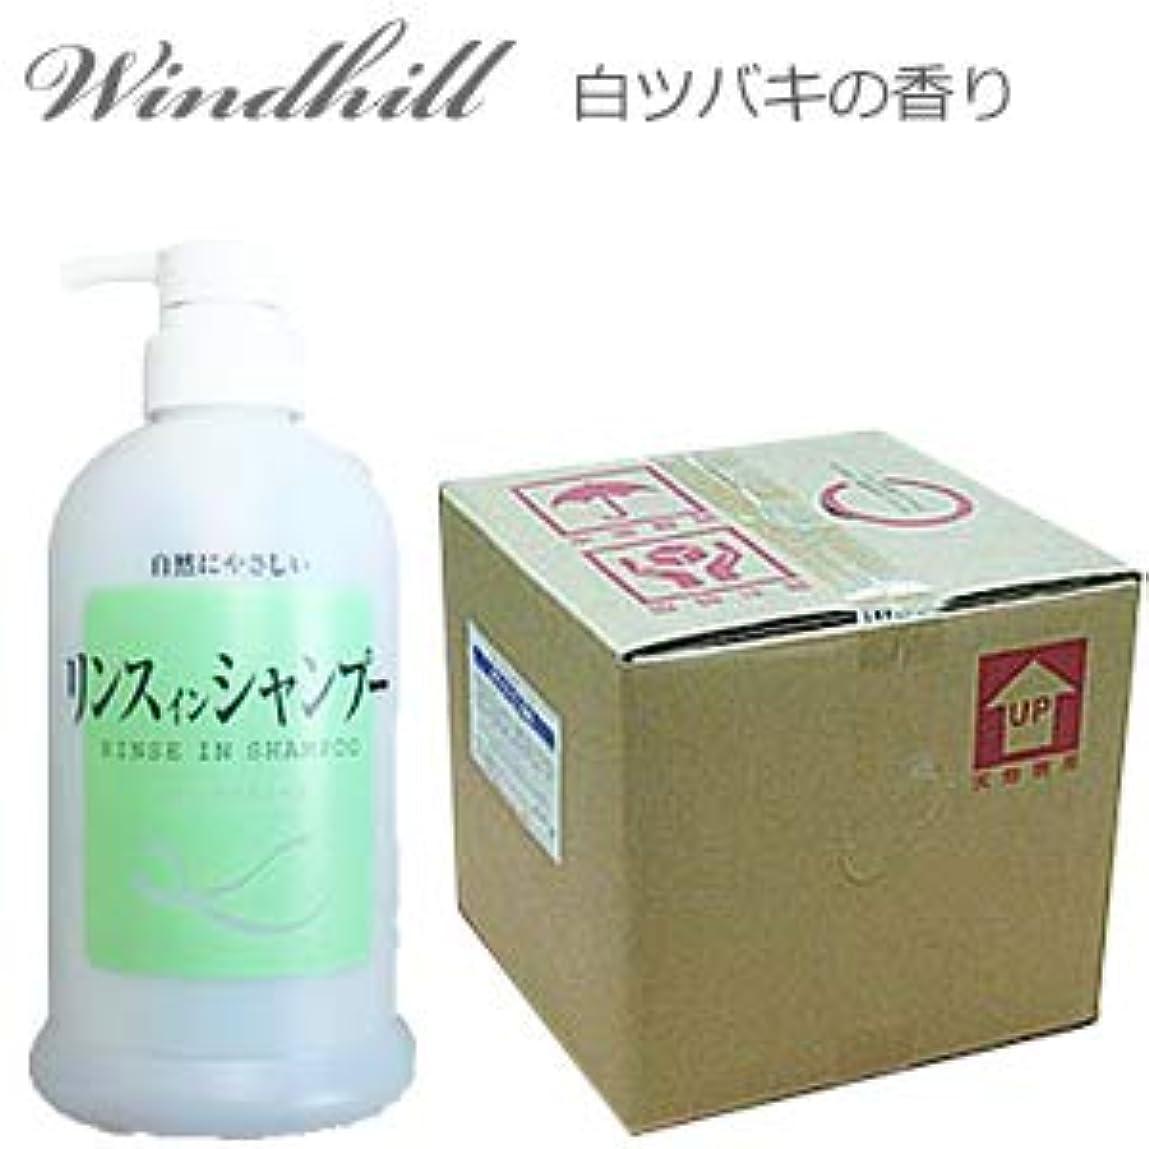 窒息させる毒液夕方なんと! 500ml当り175円 Windhill 植物性 業務用 リンスインシャンプー 白椿の香り